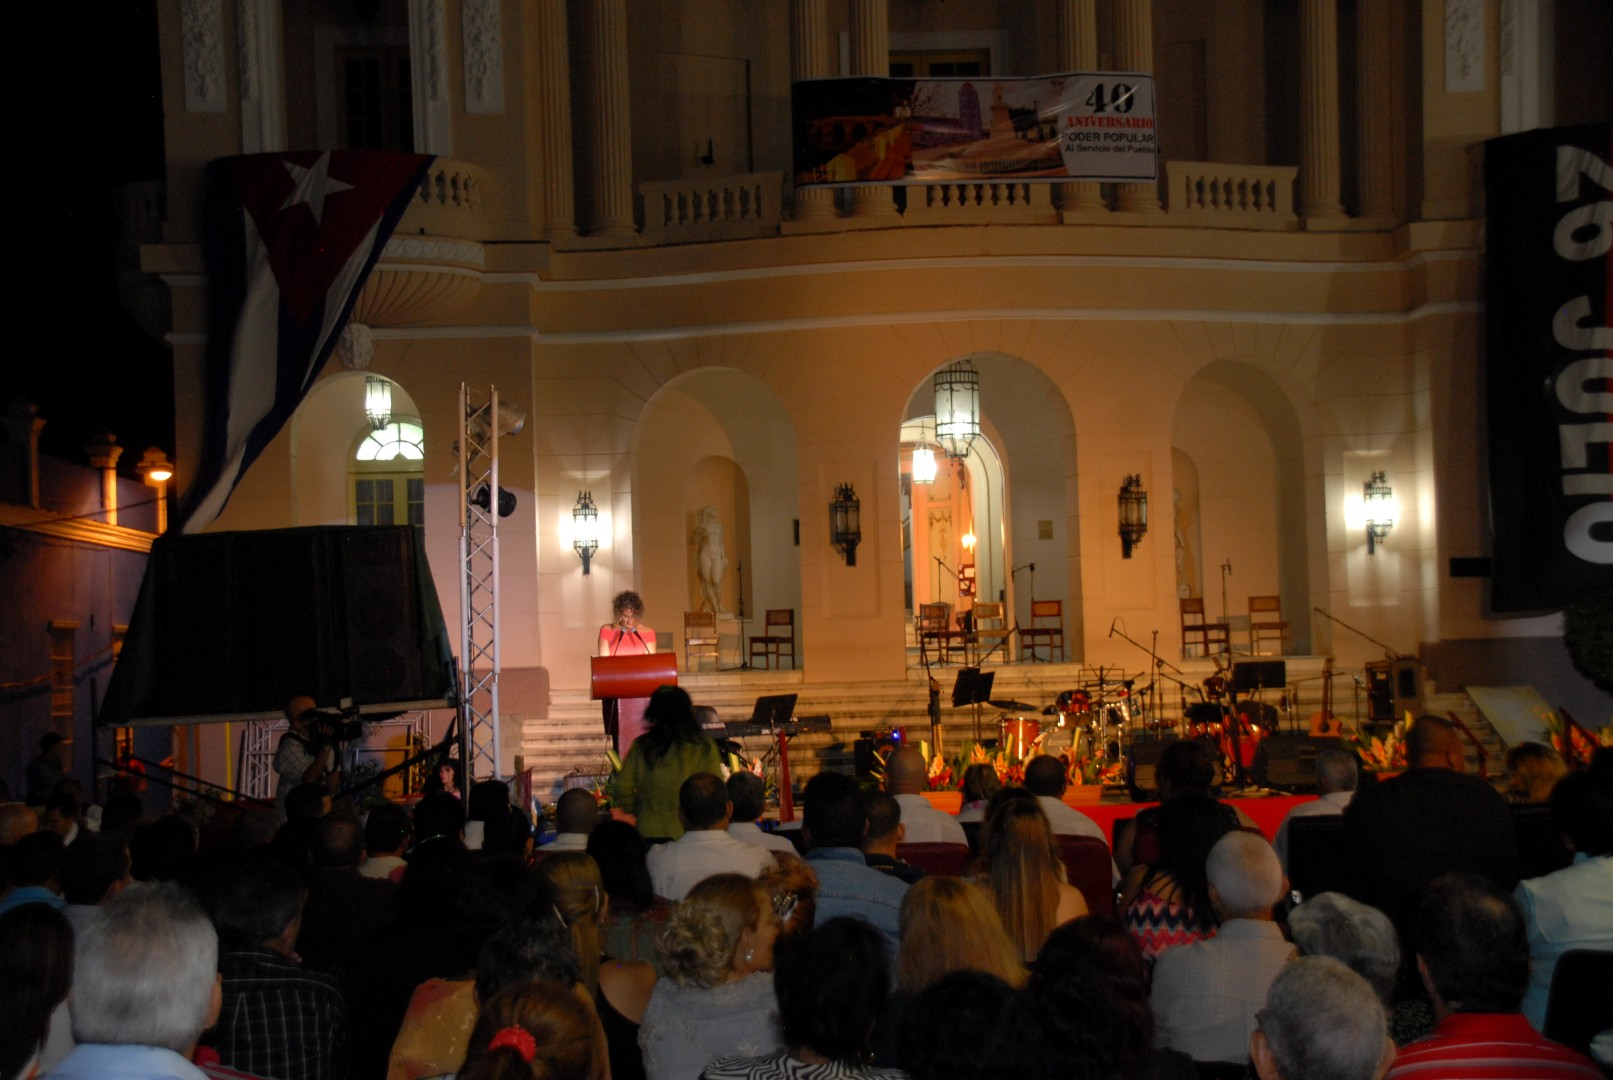 La gala rindió homenaje a los 40 años del Poder Popular. (Foto: Gerardo Legón)